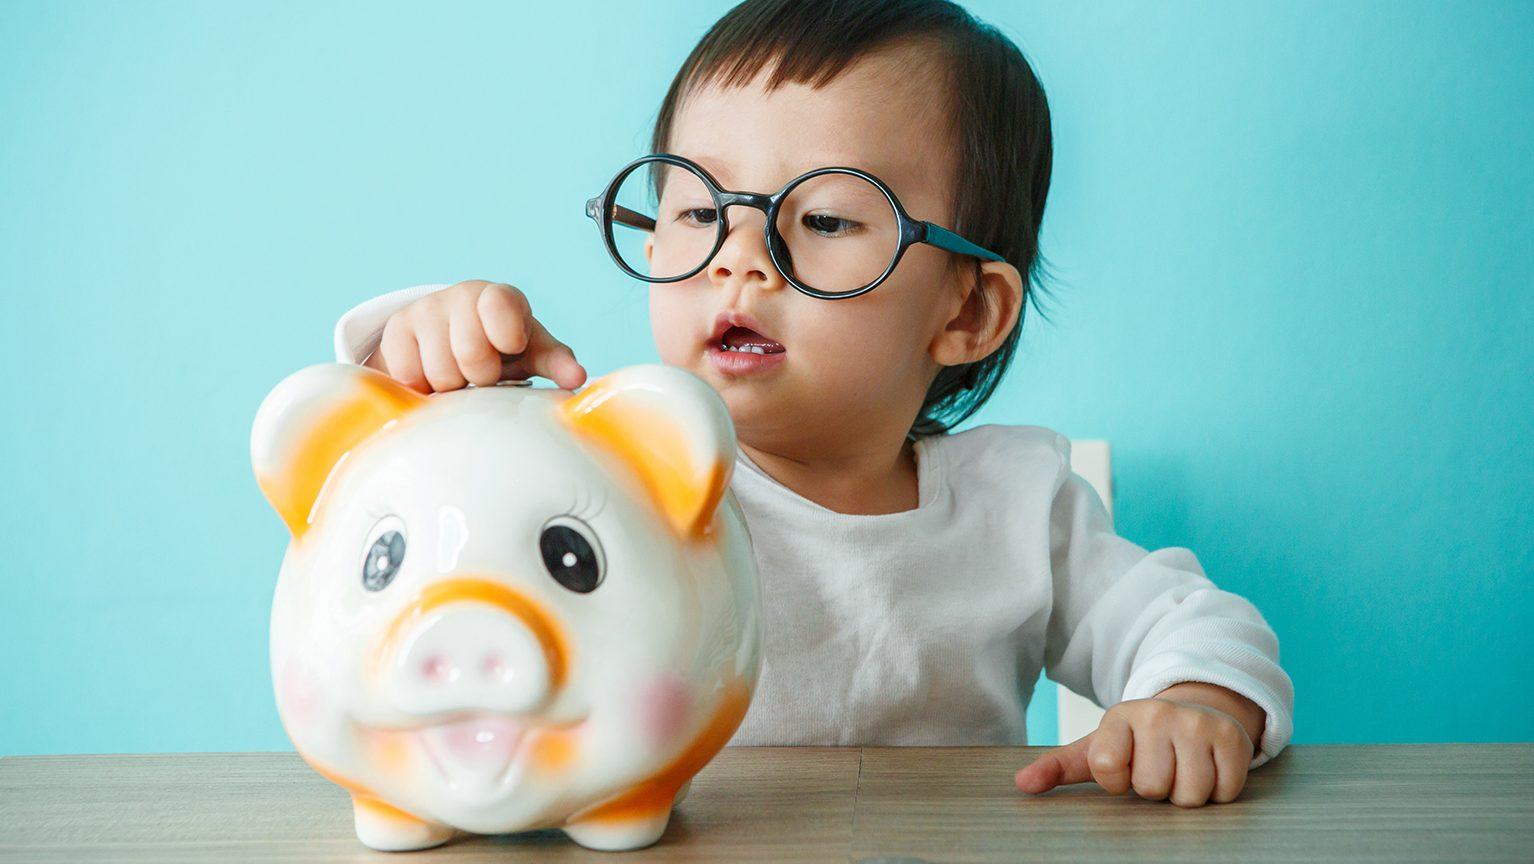 豚の貯金箱に貯金する赤ちゃん